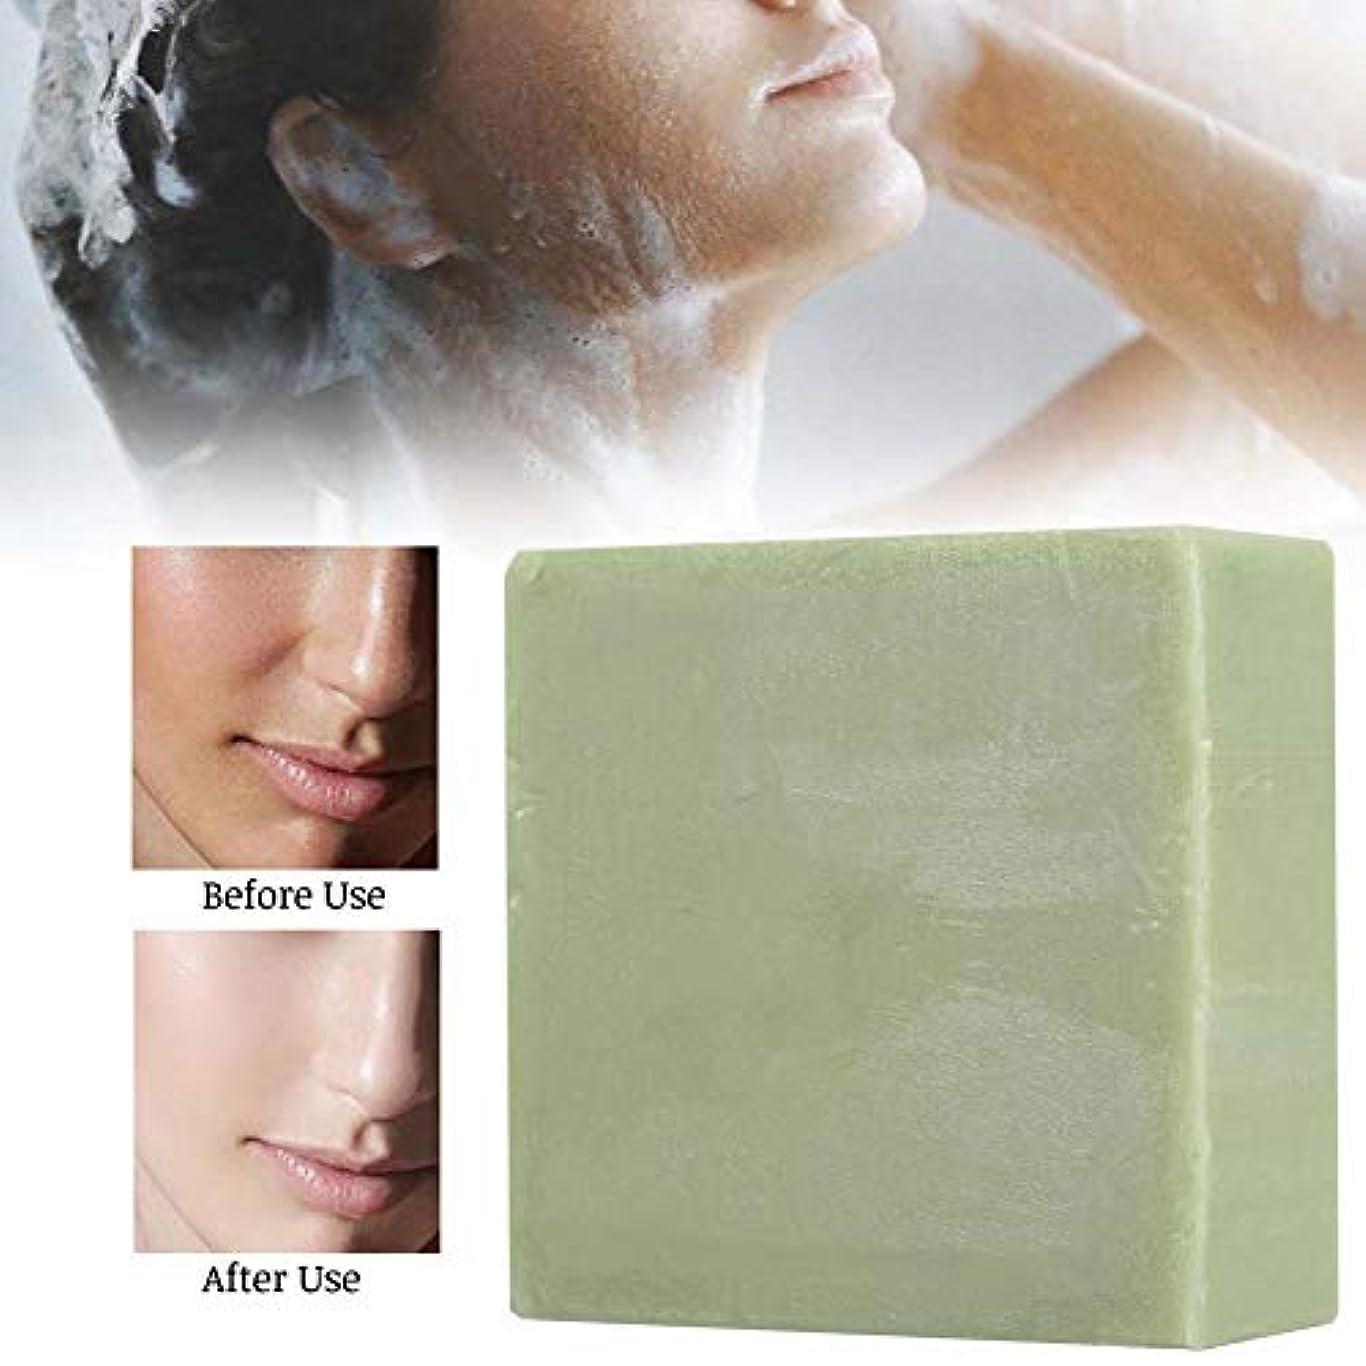 和誇張するどこ手作り石鹸 ハンドメイドグリーンクレイソープ フェイシャルクリーニング 保湿フェイシャルケア バスエッセンシャルオイルソープ